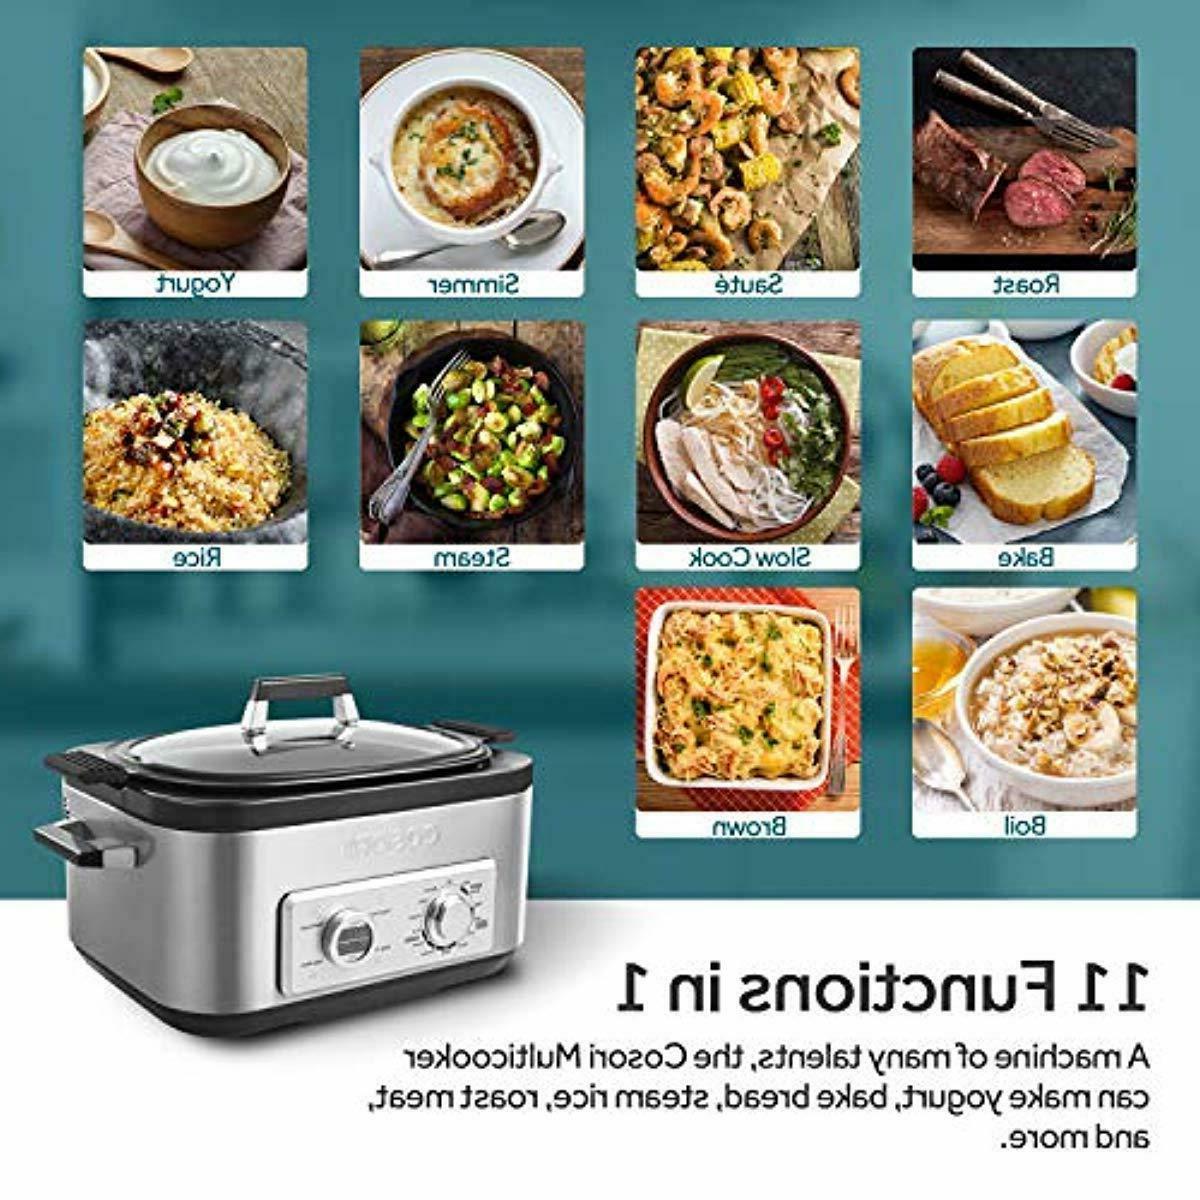 COSORI 6 Qt Programmable Pot, Cooker,